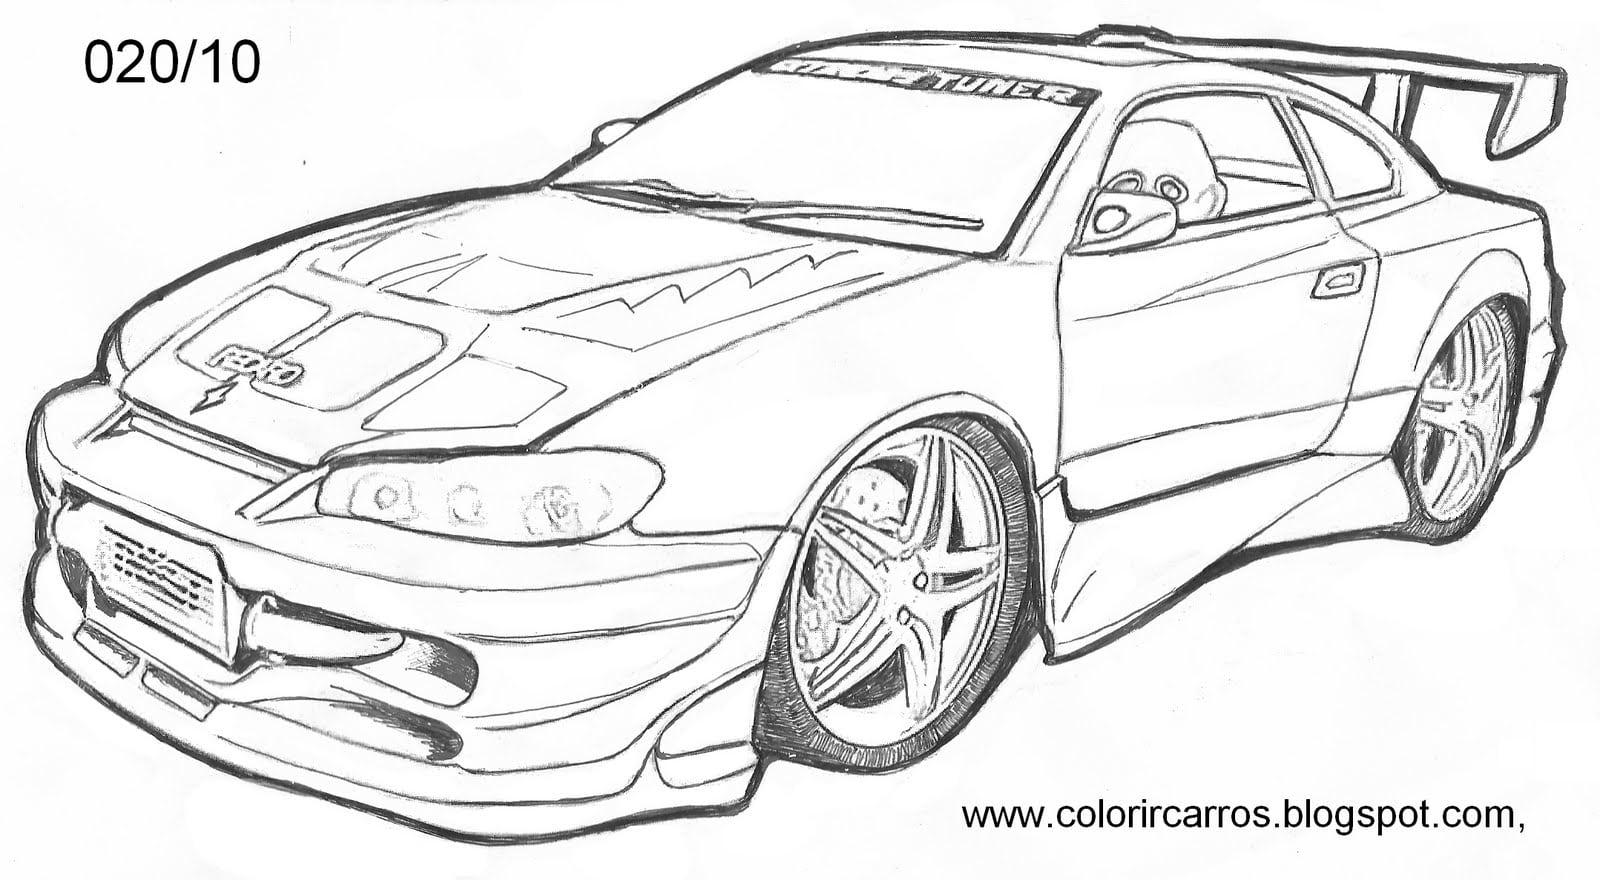 Imagens De Carros Tunados Para Colorir